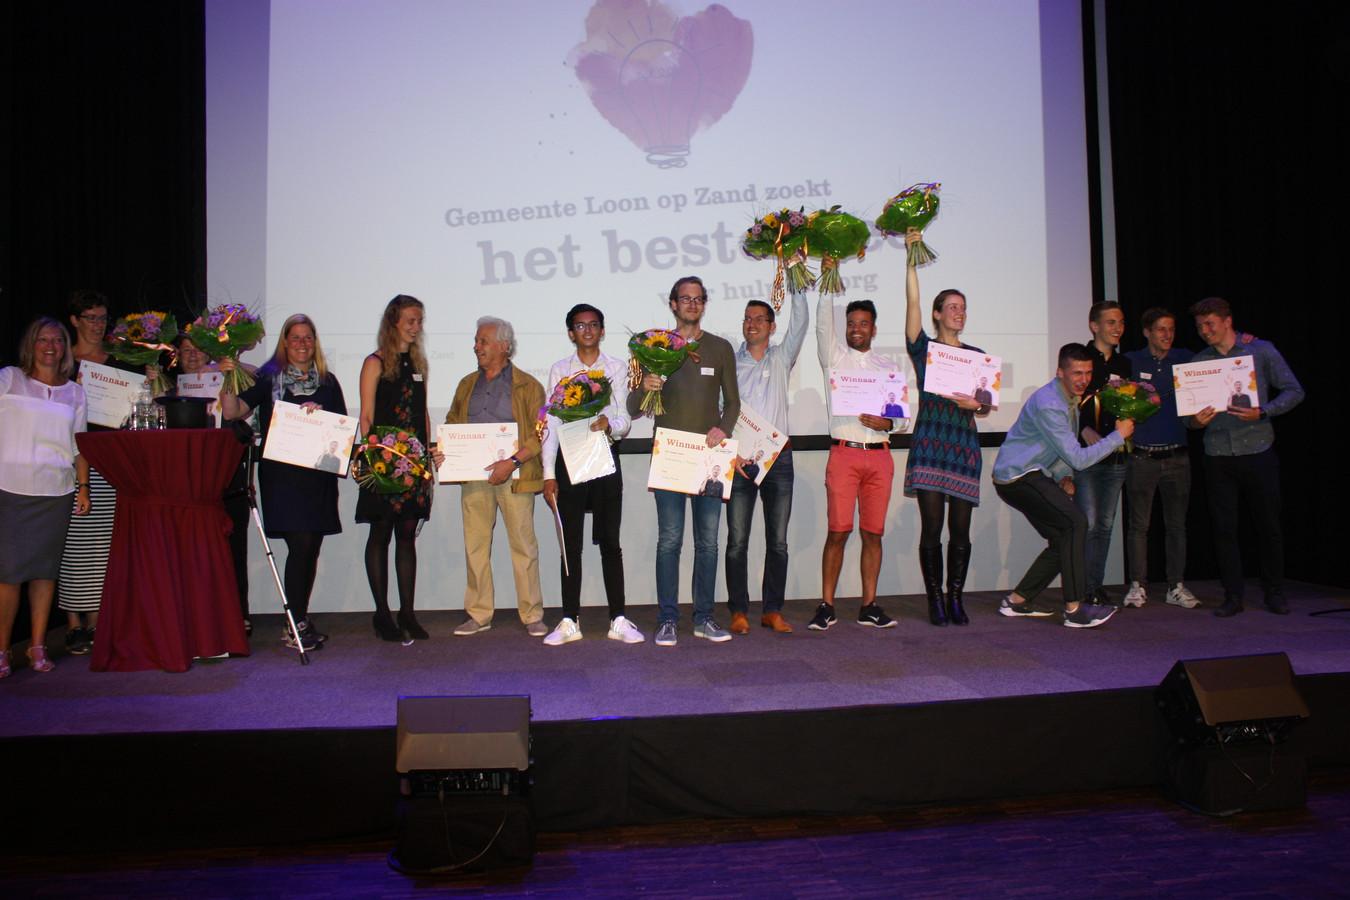 De winnaars van Het beste idee. Foto: Jan in 't Groen